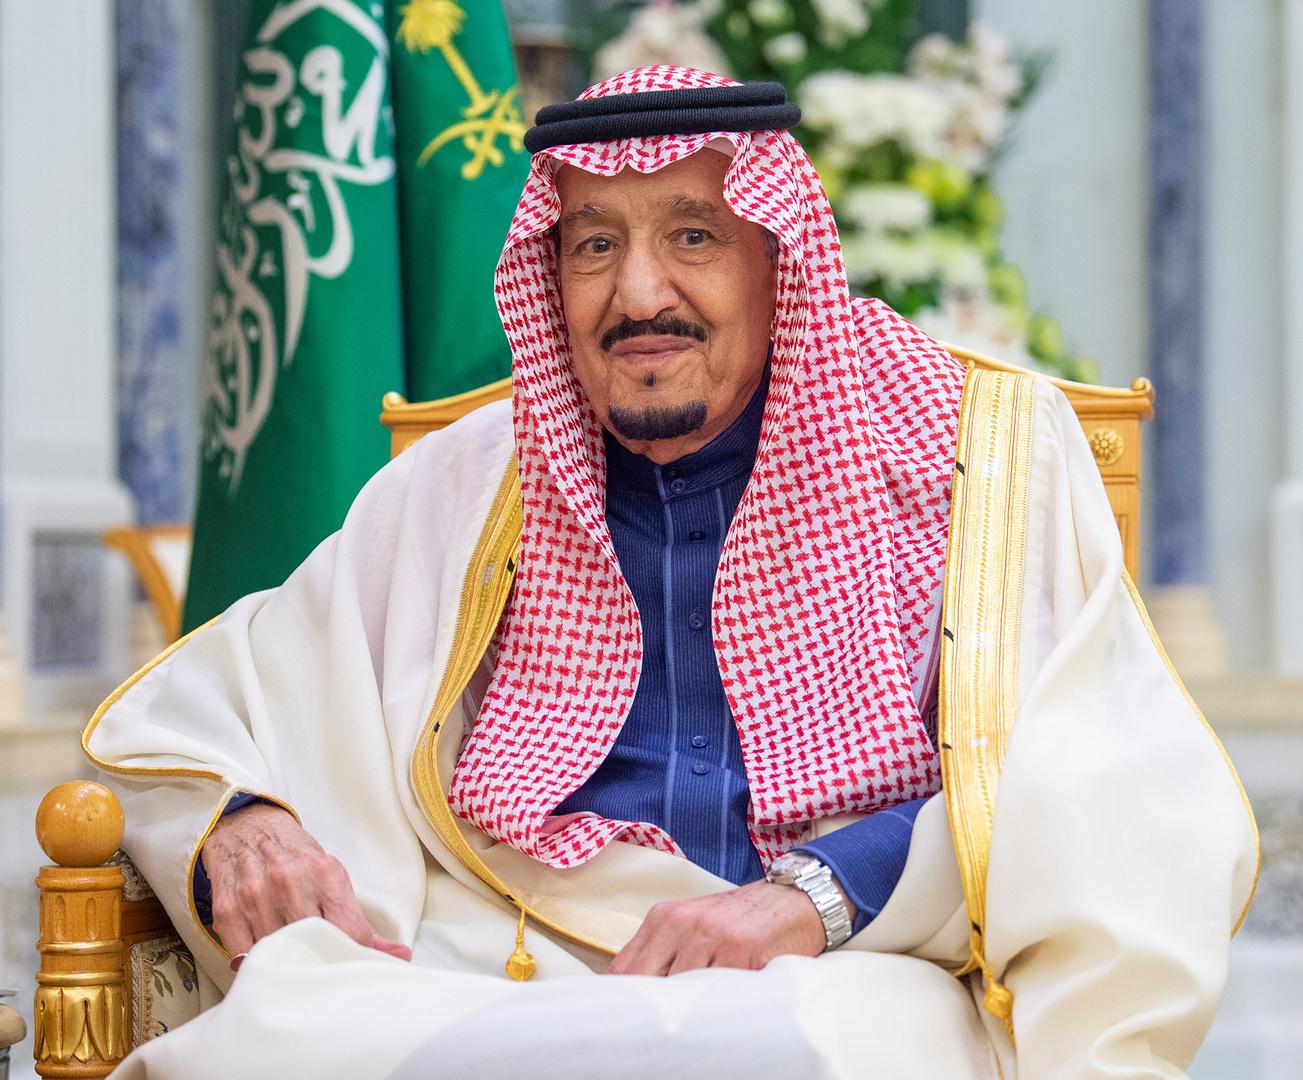 قرارات عاجلة بالمملكة العربية السعودية